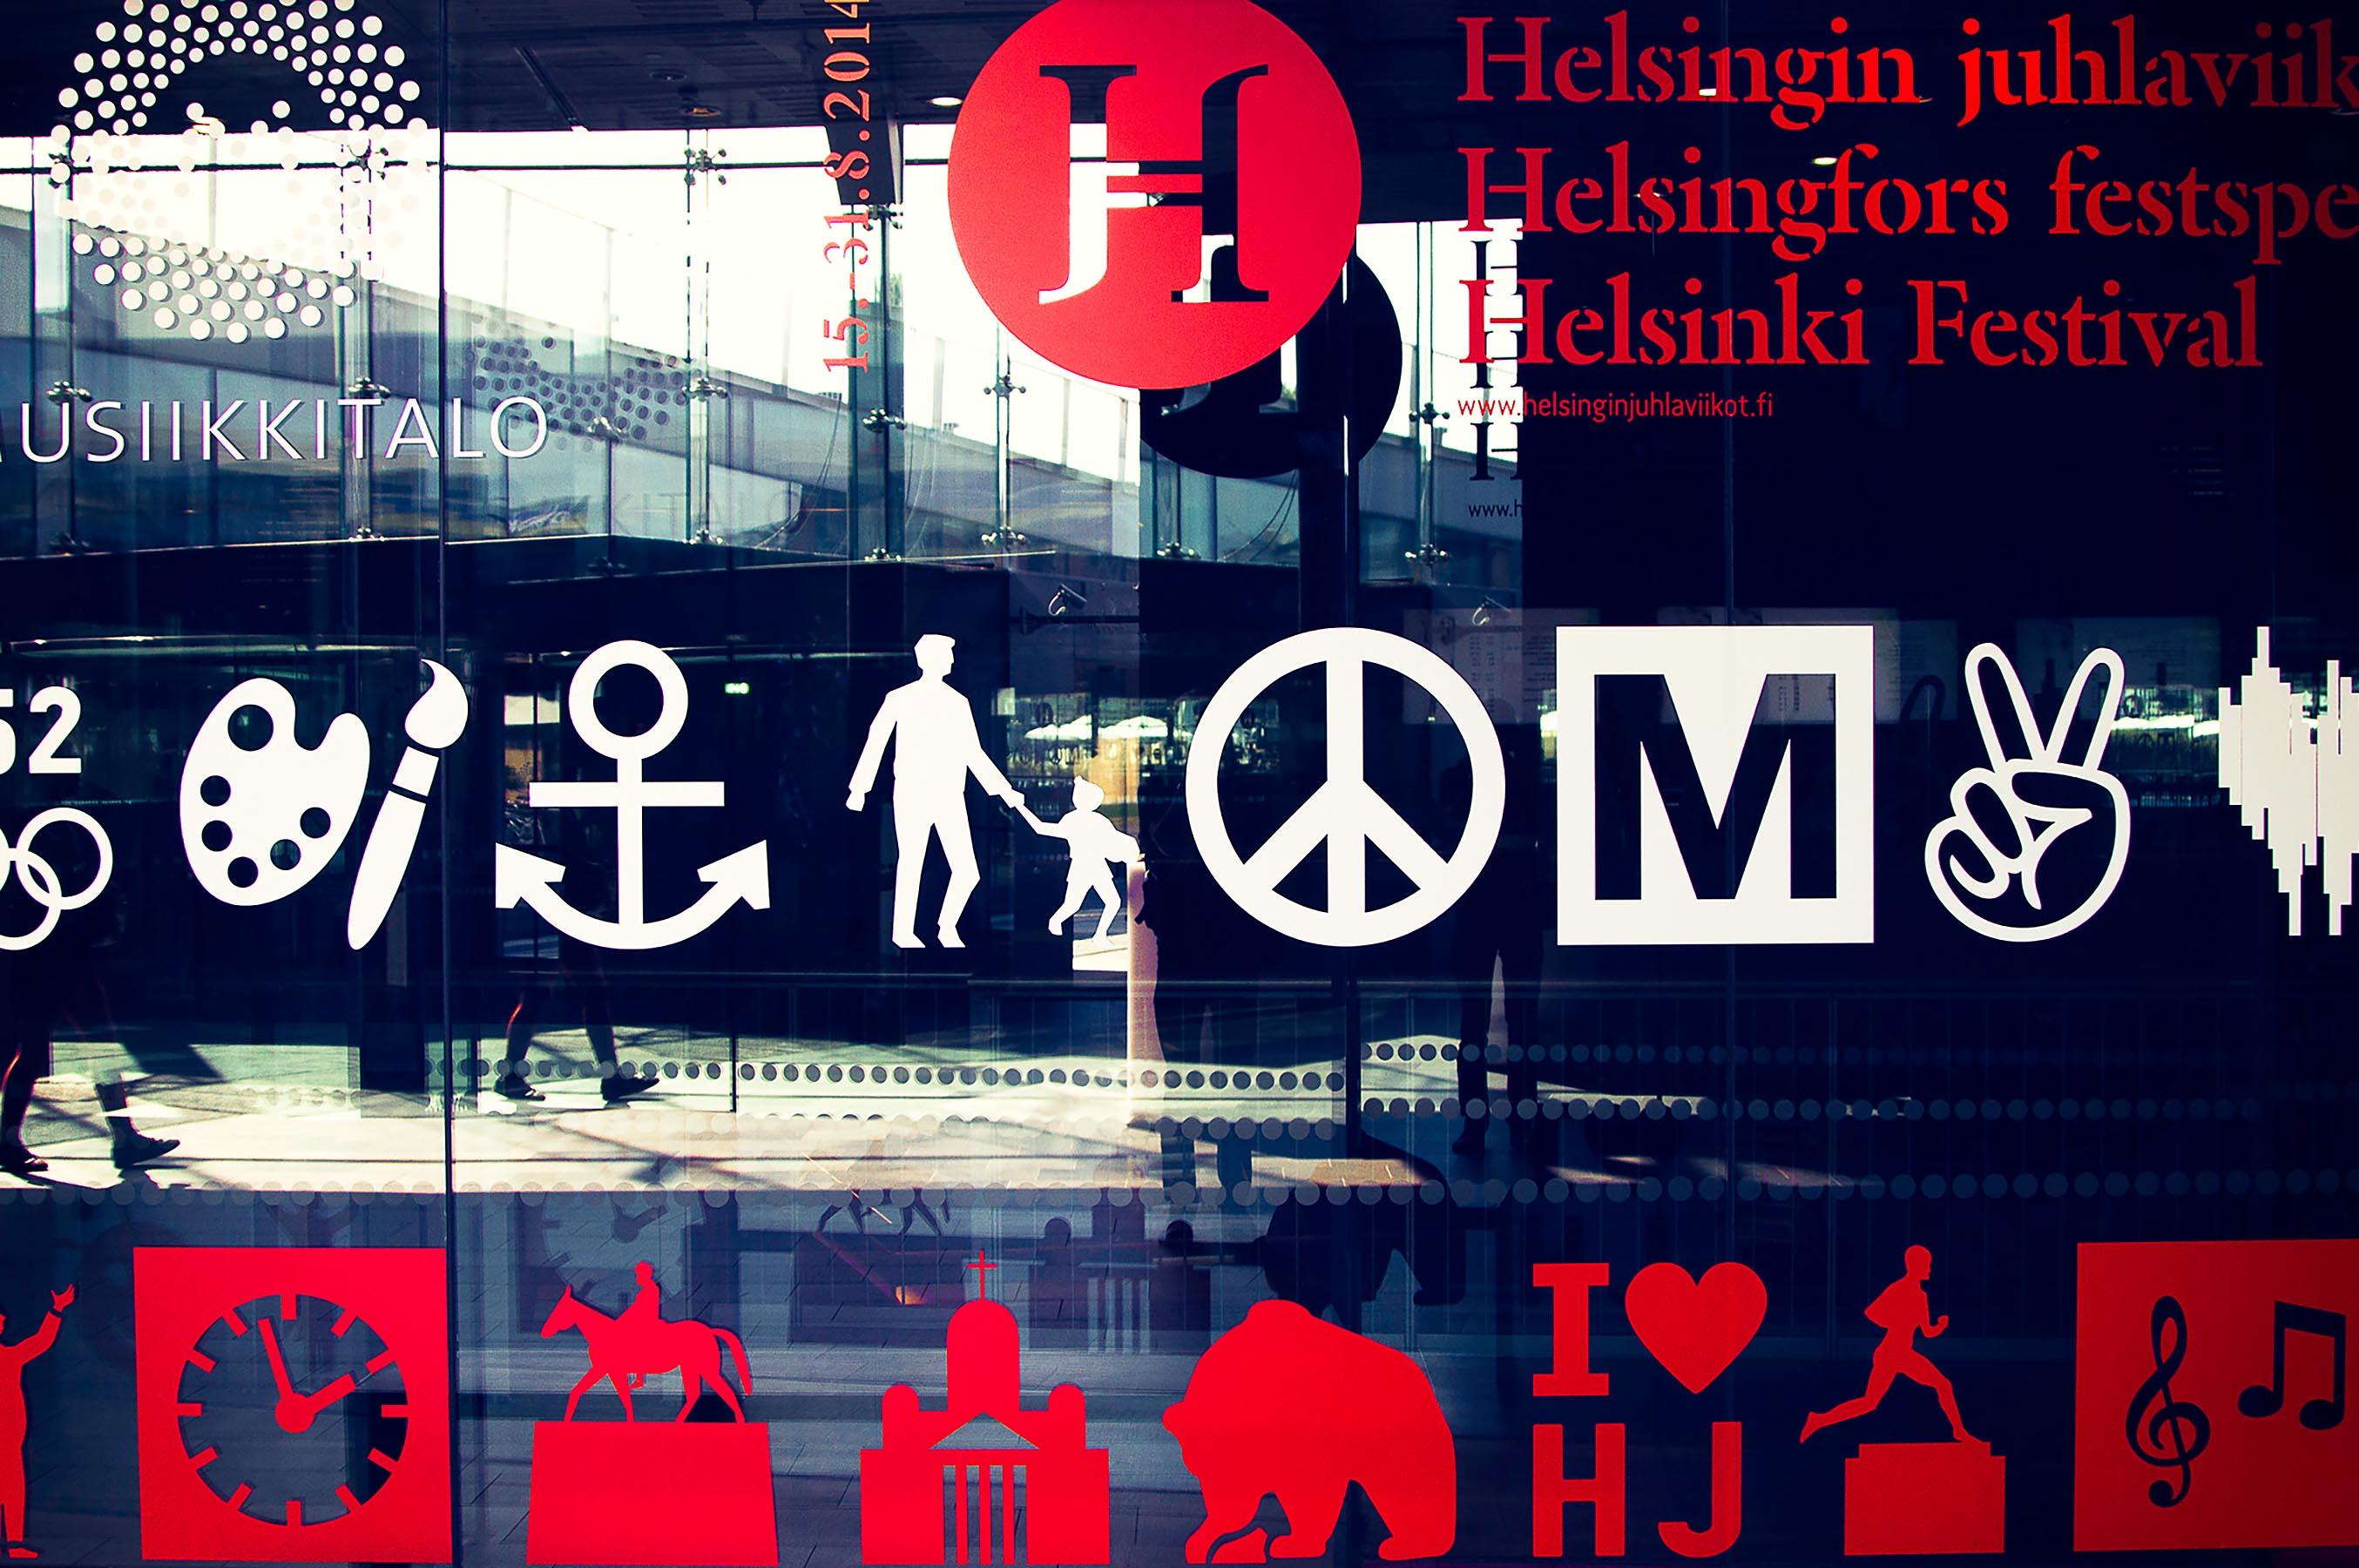 helsinki-festival-juhlaviikot-kuudes-kerros-31